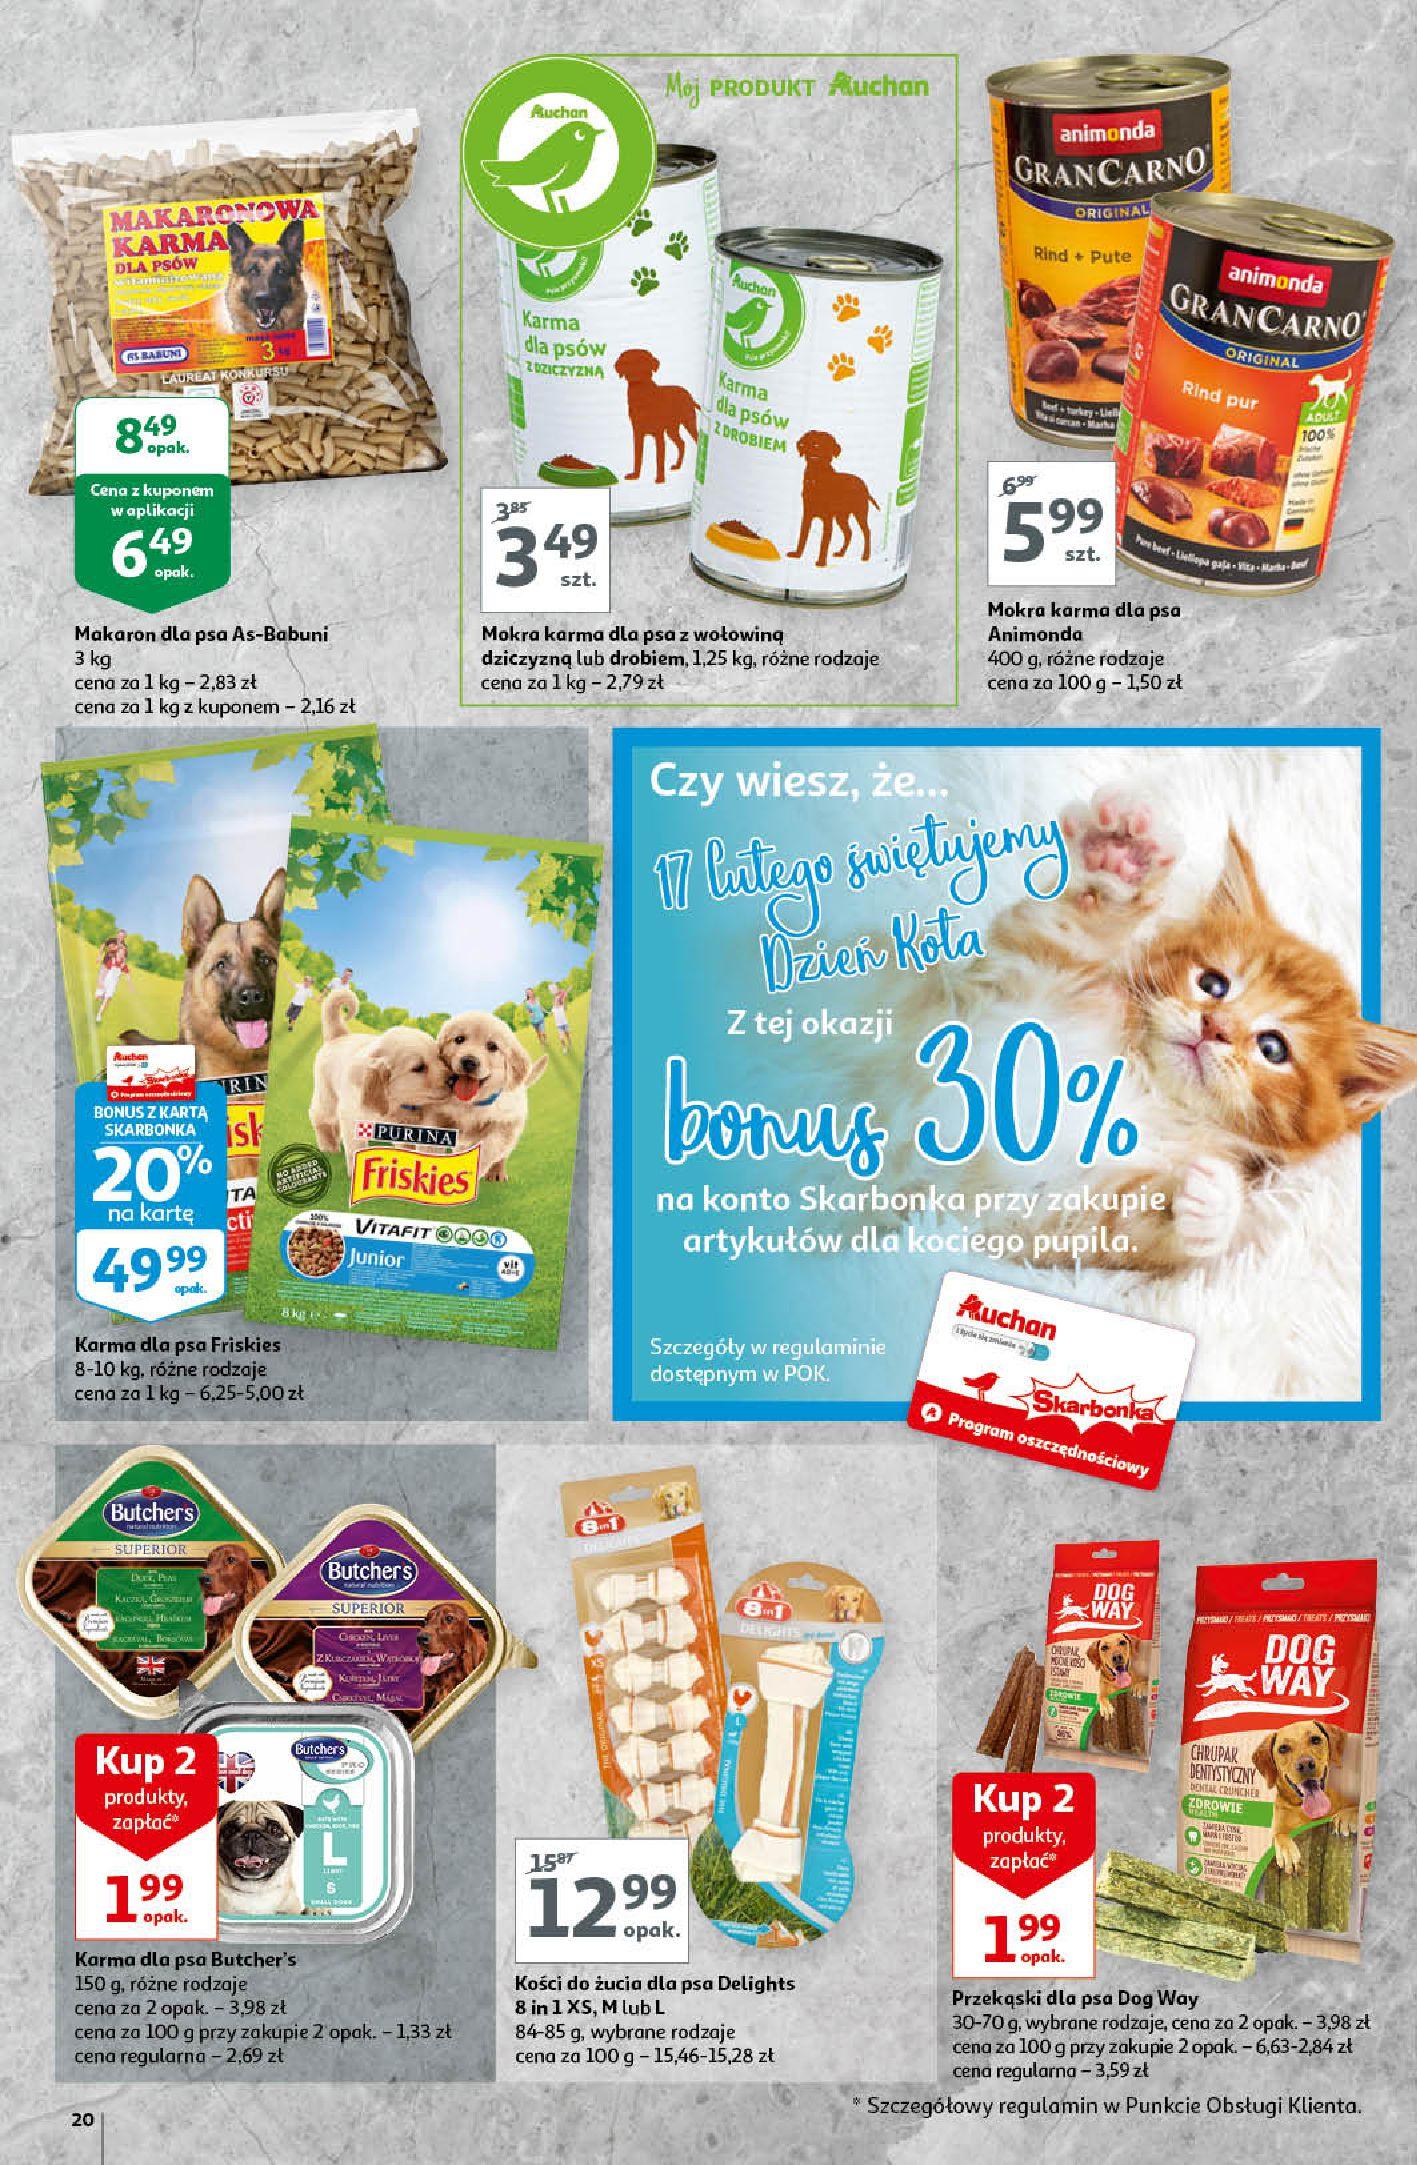 Gazetka Auchan - A love You Hipermarkety-12.02.2020-19.02.2020-page-20